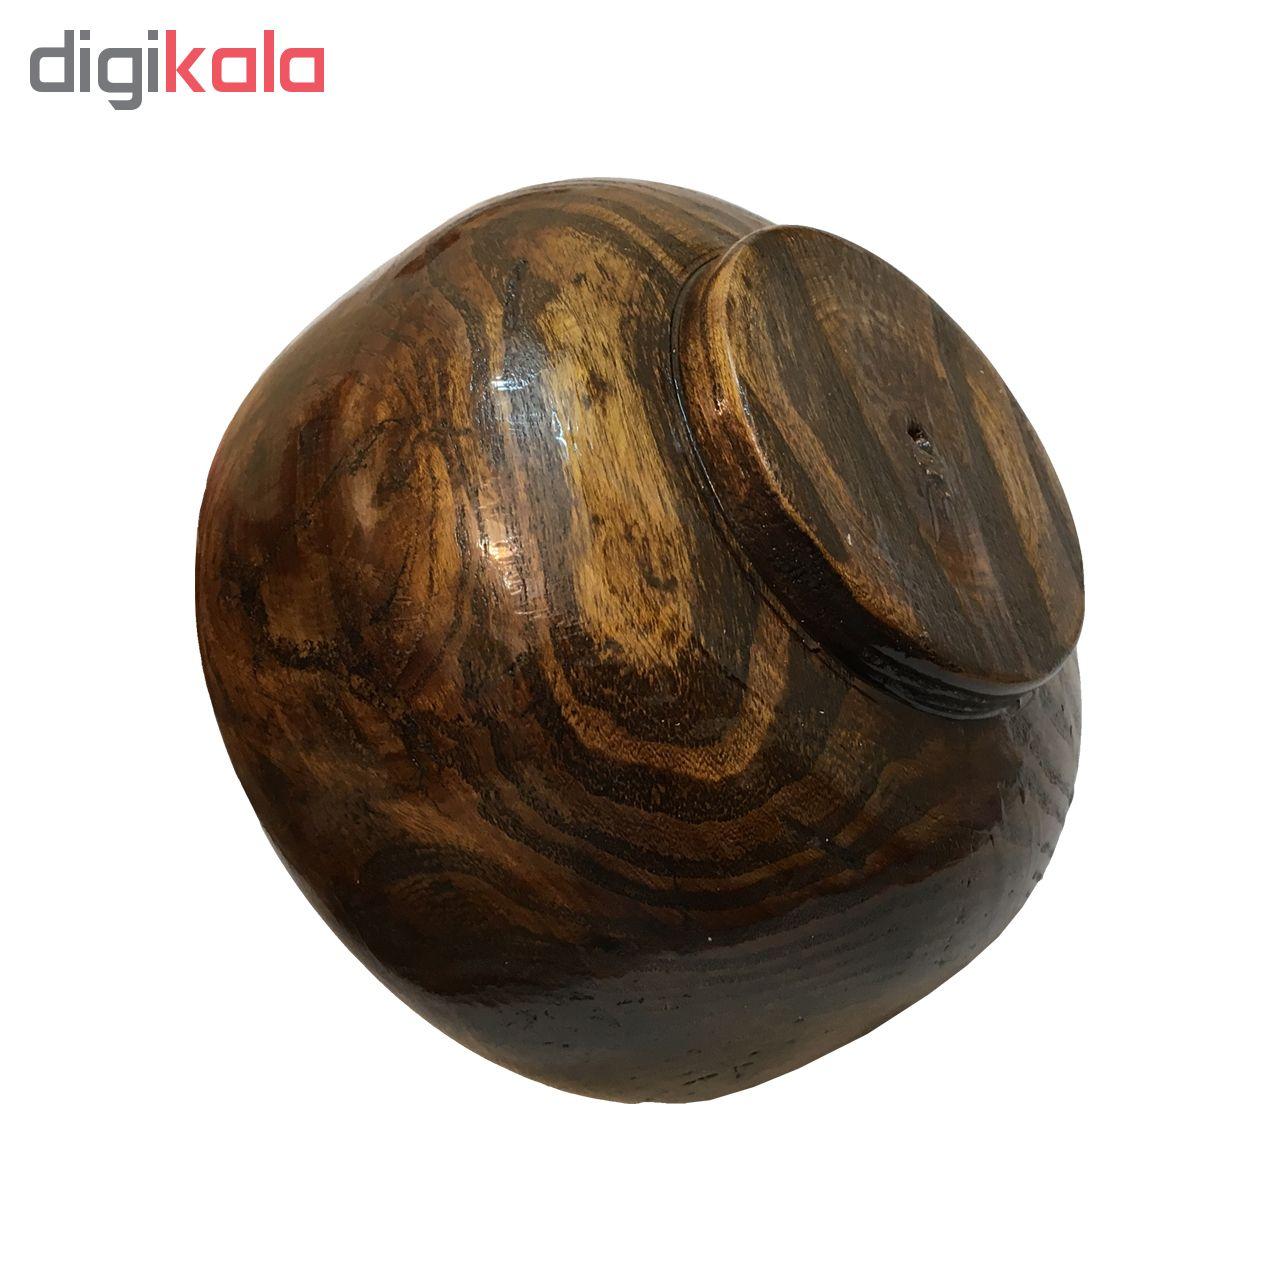 کاسه و شکلات خوری چوبی آرونی مدل Blossom